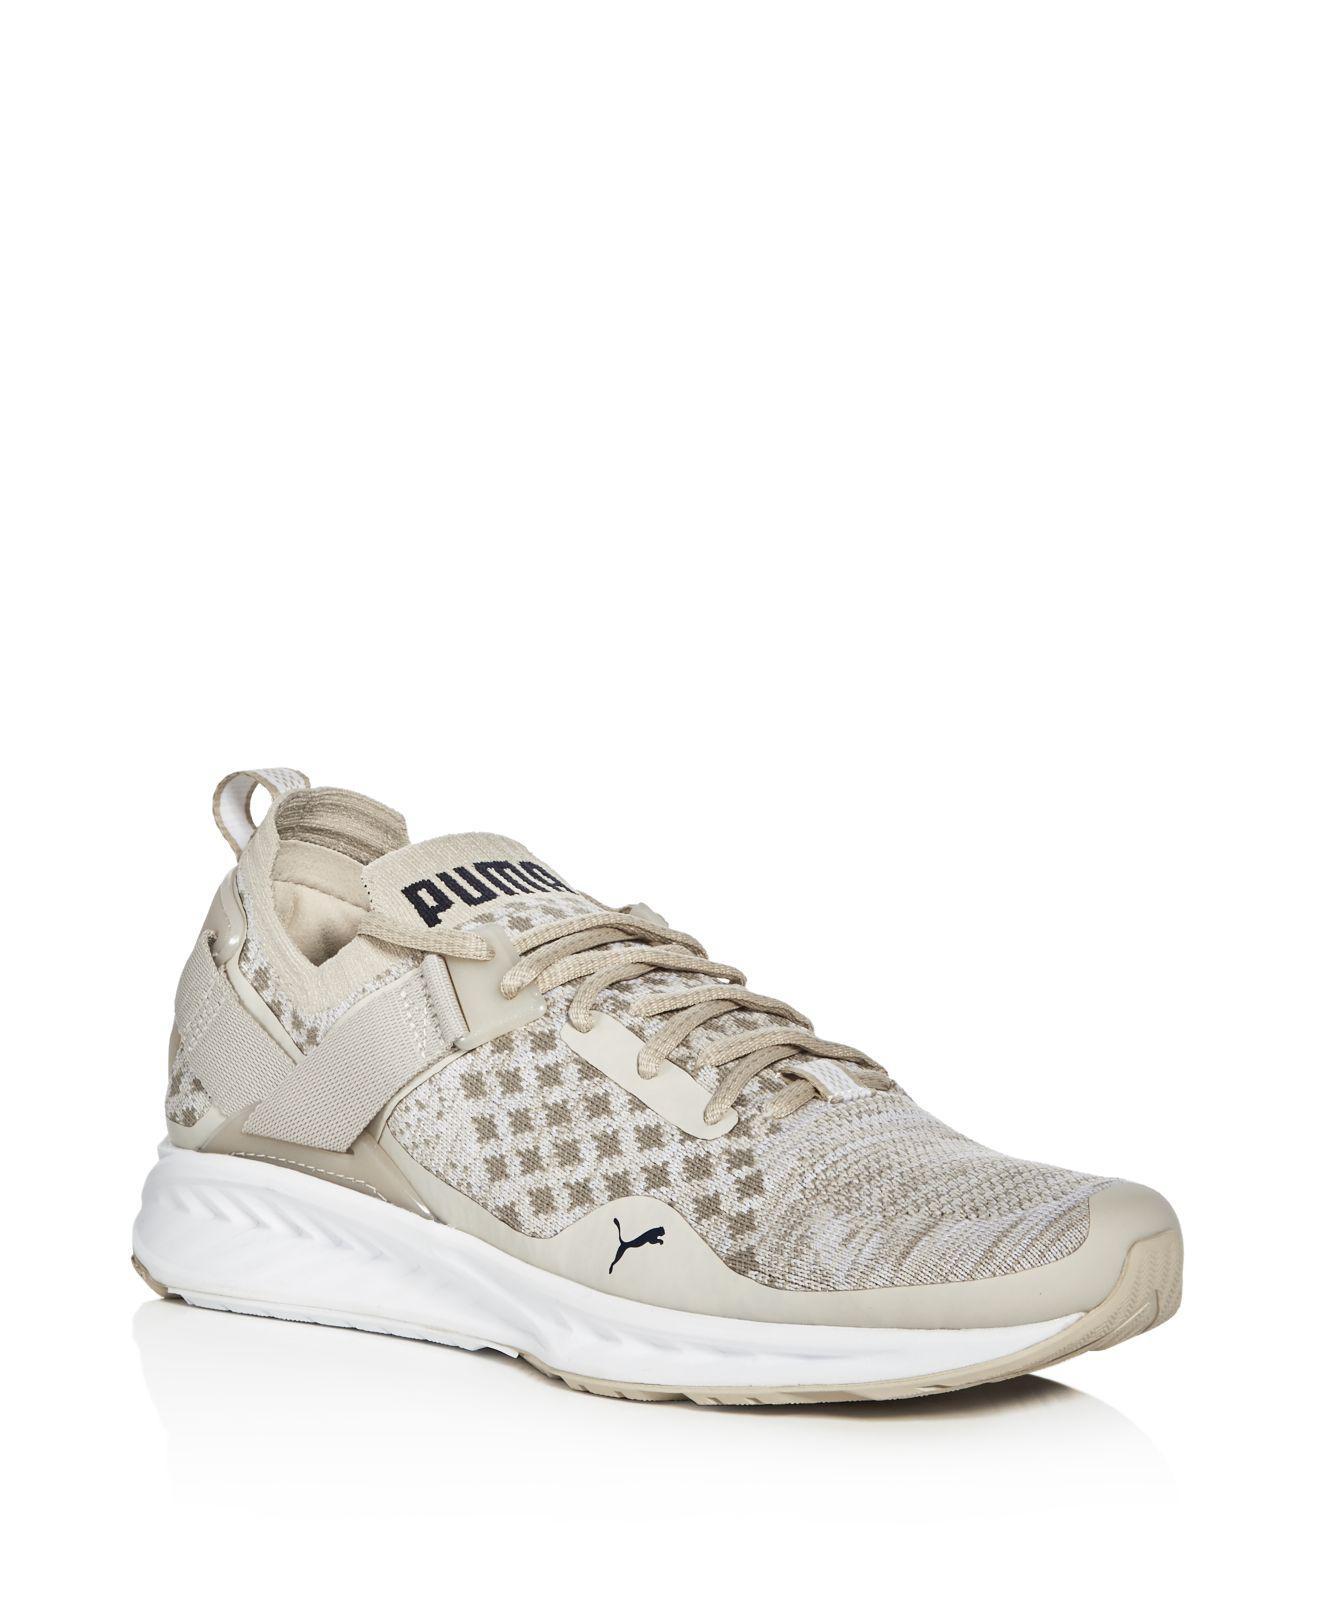 f7c85e738f5948 Lyst - PUMA Men s Ignite Evoknit Lo Pavement Lace Up Sneakers in ...